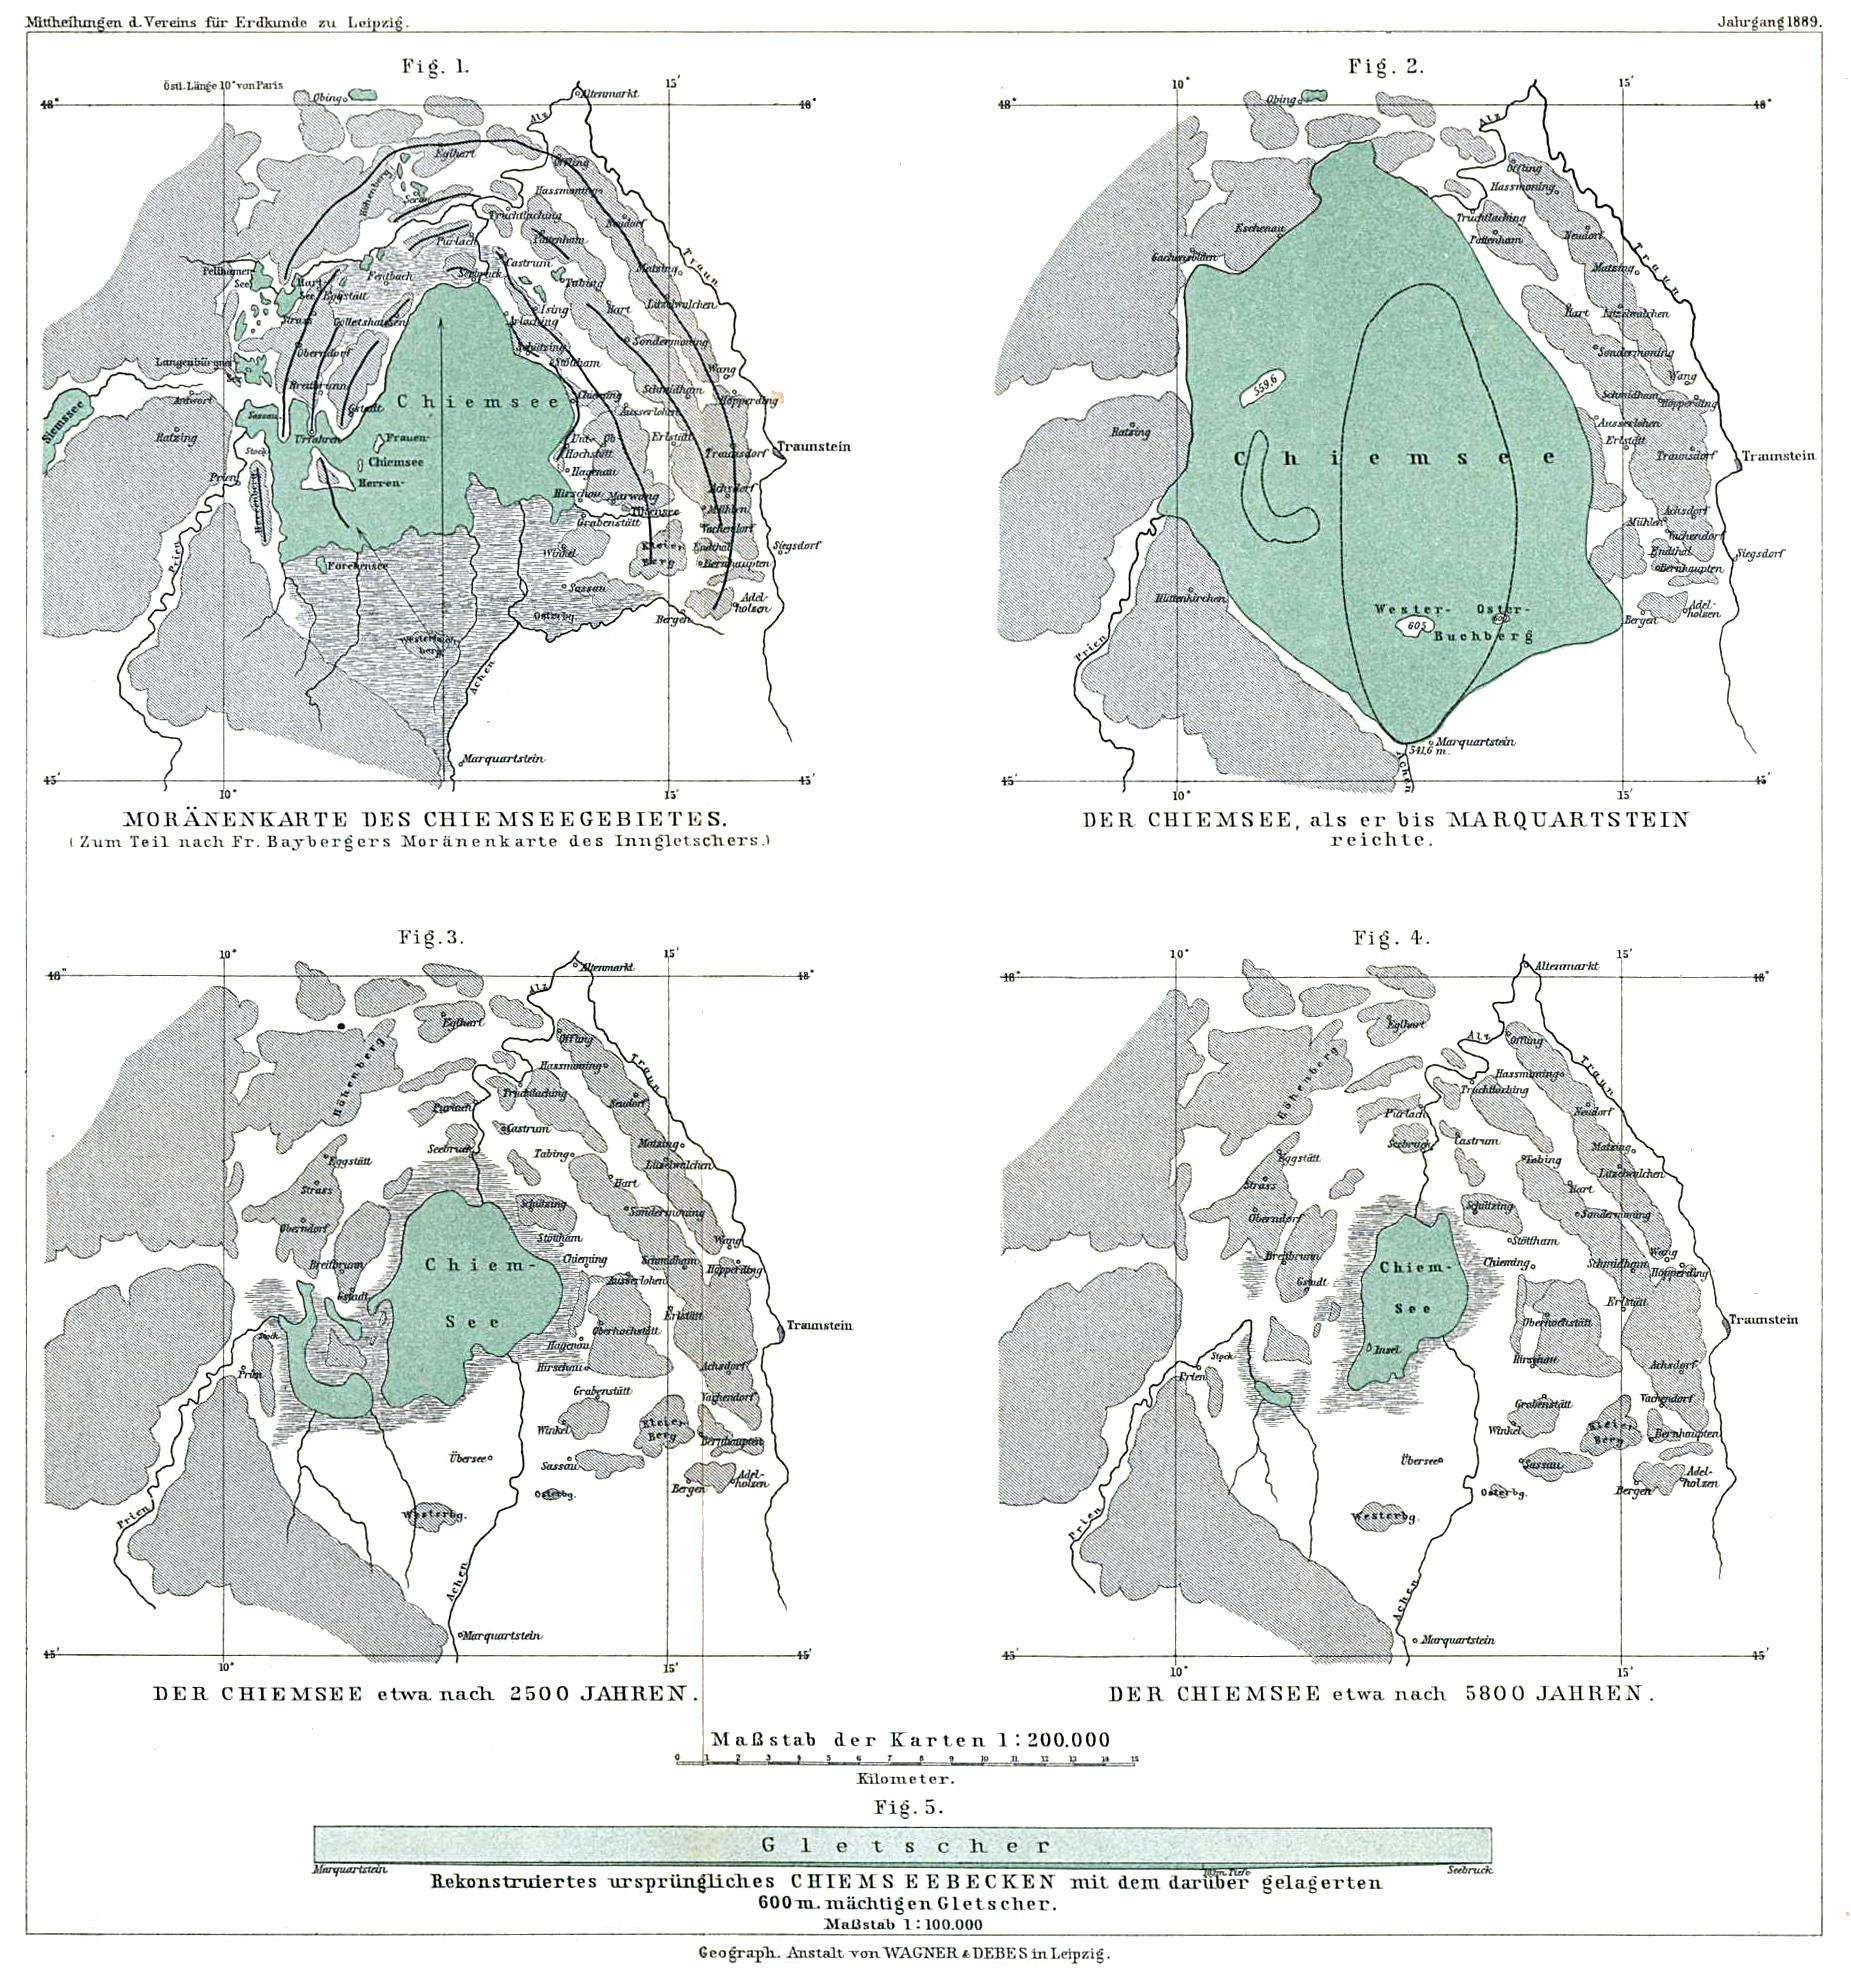 Chiemsee Karte.Datei Chiemsee Karte Moränen Vergangenheit Zukunft B Jpg Wikipedia